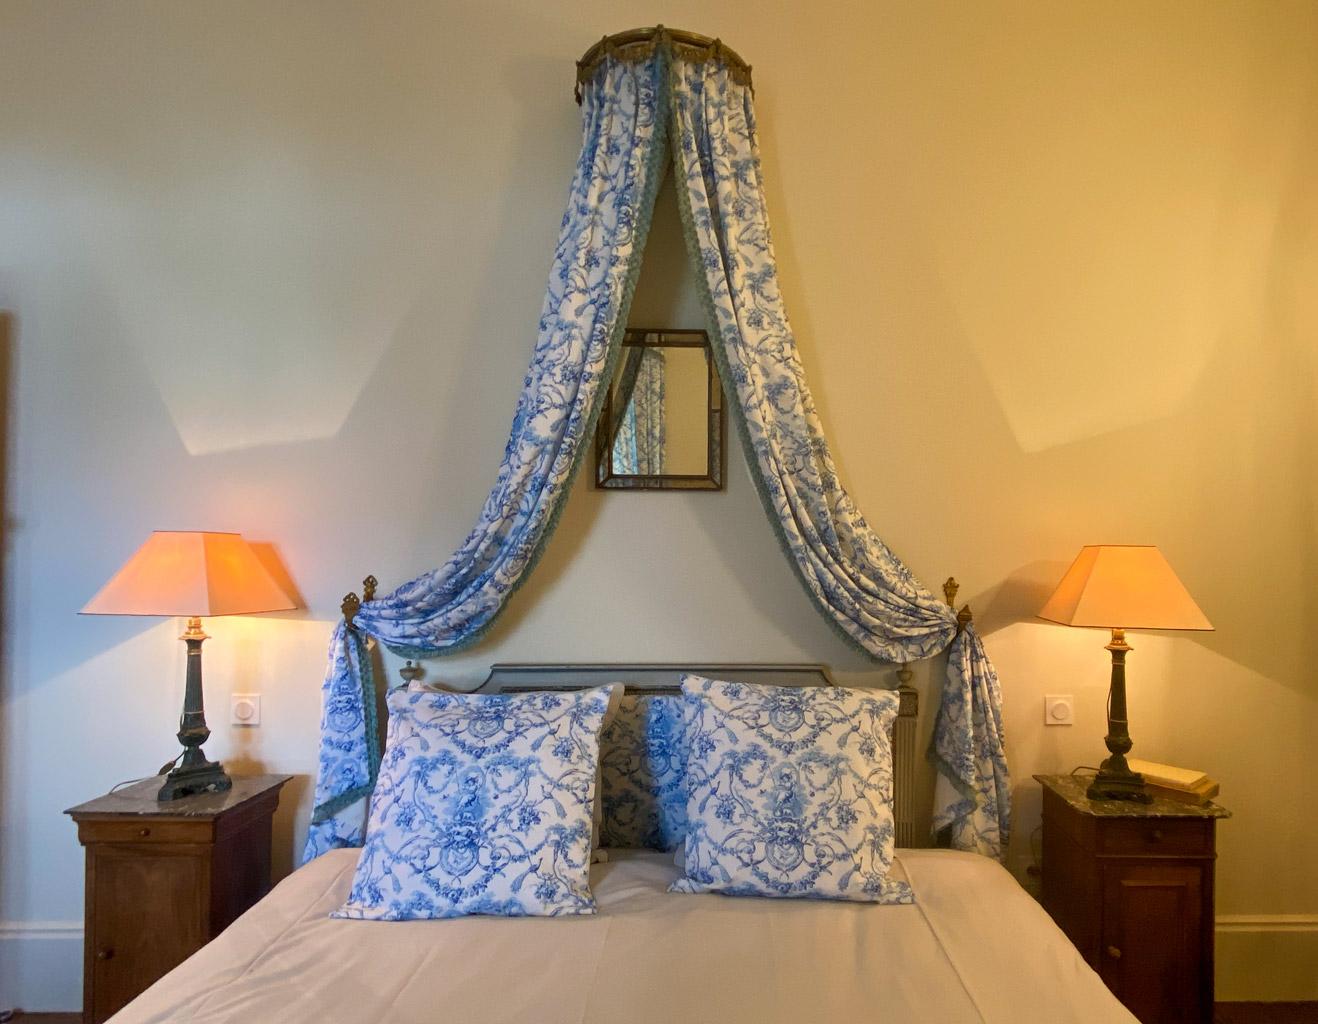 Château d'Ainay-le-Vieil, les chambres d'hôtes, la Chambre Empire, vue sur le lit double avec baldaquin et chevets éclairés